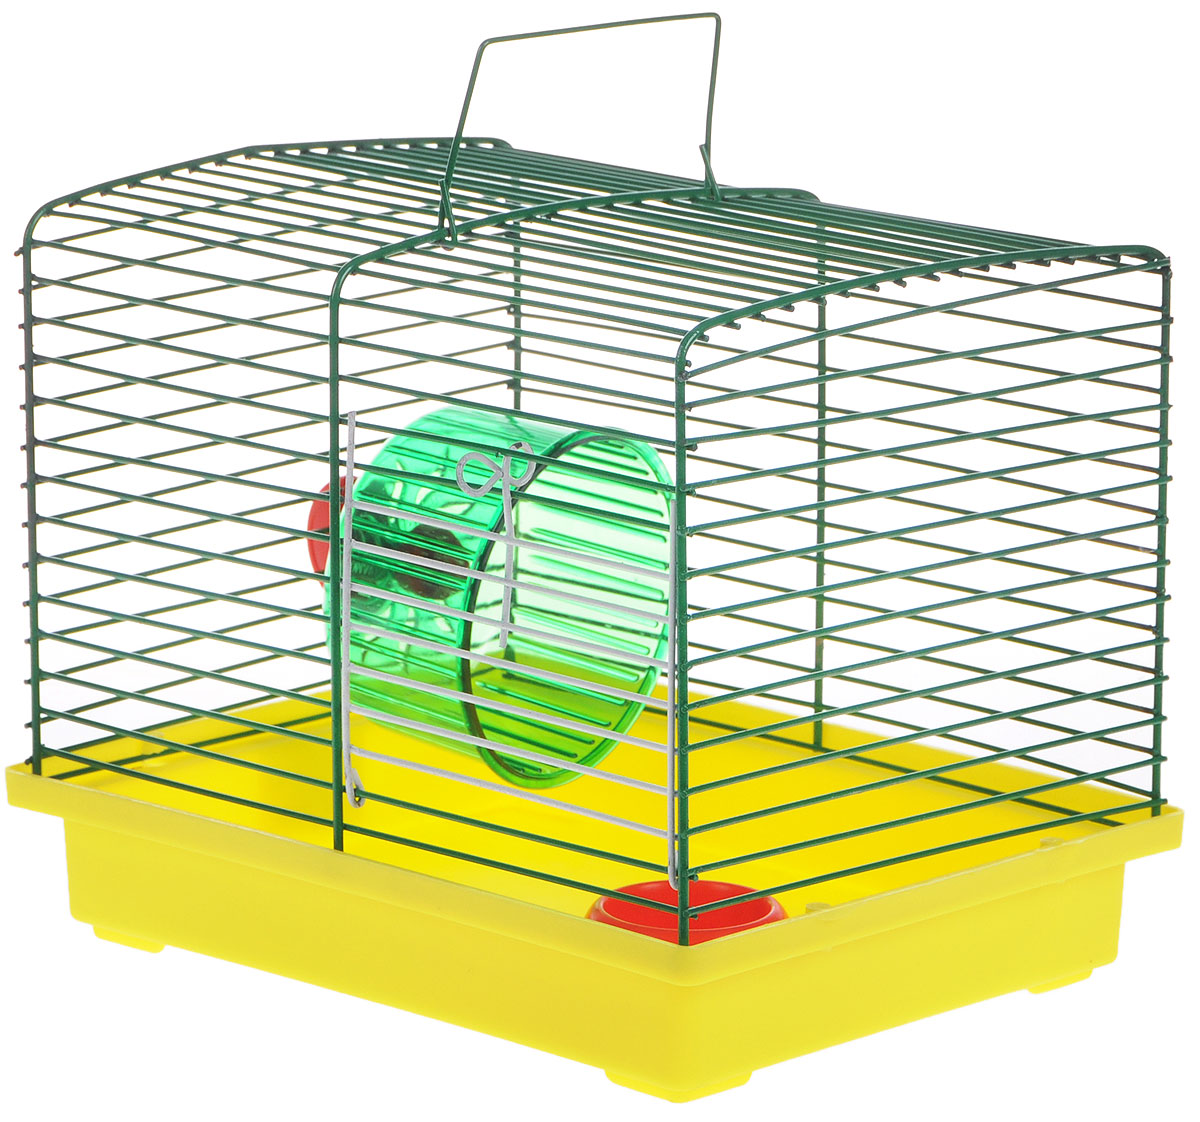 Клетка для джунгариков ЗооМарк, с колесом и миской, цвет: желтый поддон, зеленая решетка, 23 х 18 х 19 см511ЖЗКлетка ЗооМарк, выполненная из пластика и металла, подходит для мелких грызунов. Изделие оборудовано колесом для подвижных игр и пластиковой миской. Клетка имеет яркий поддон, удобна в использовании и легко чистится. Сверху имеется ручка для переноски. Такая клетка станет личным пространством и уютным домиком для маленького грызуна.Комплектация: - клетка с поддоном;- миска;- колесо.